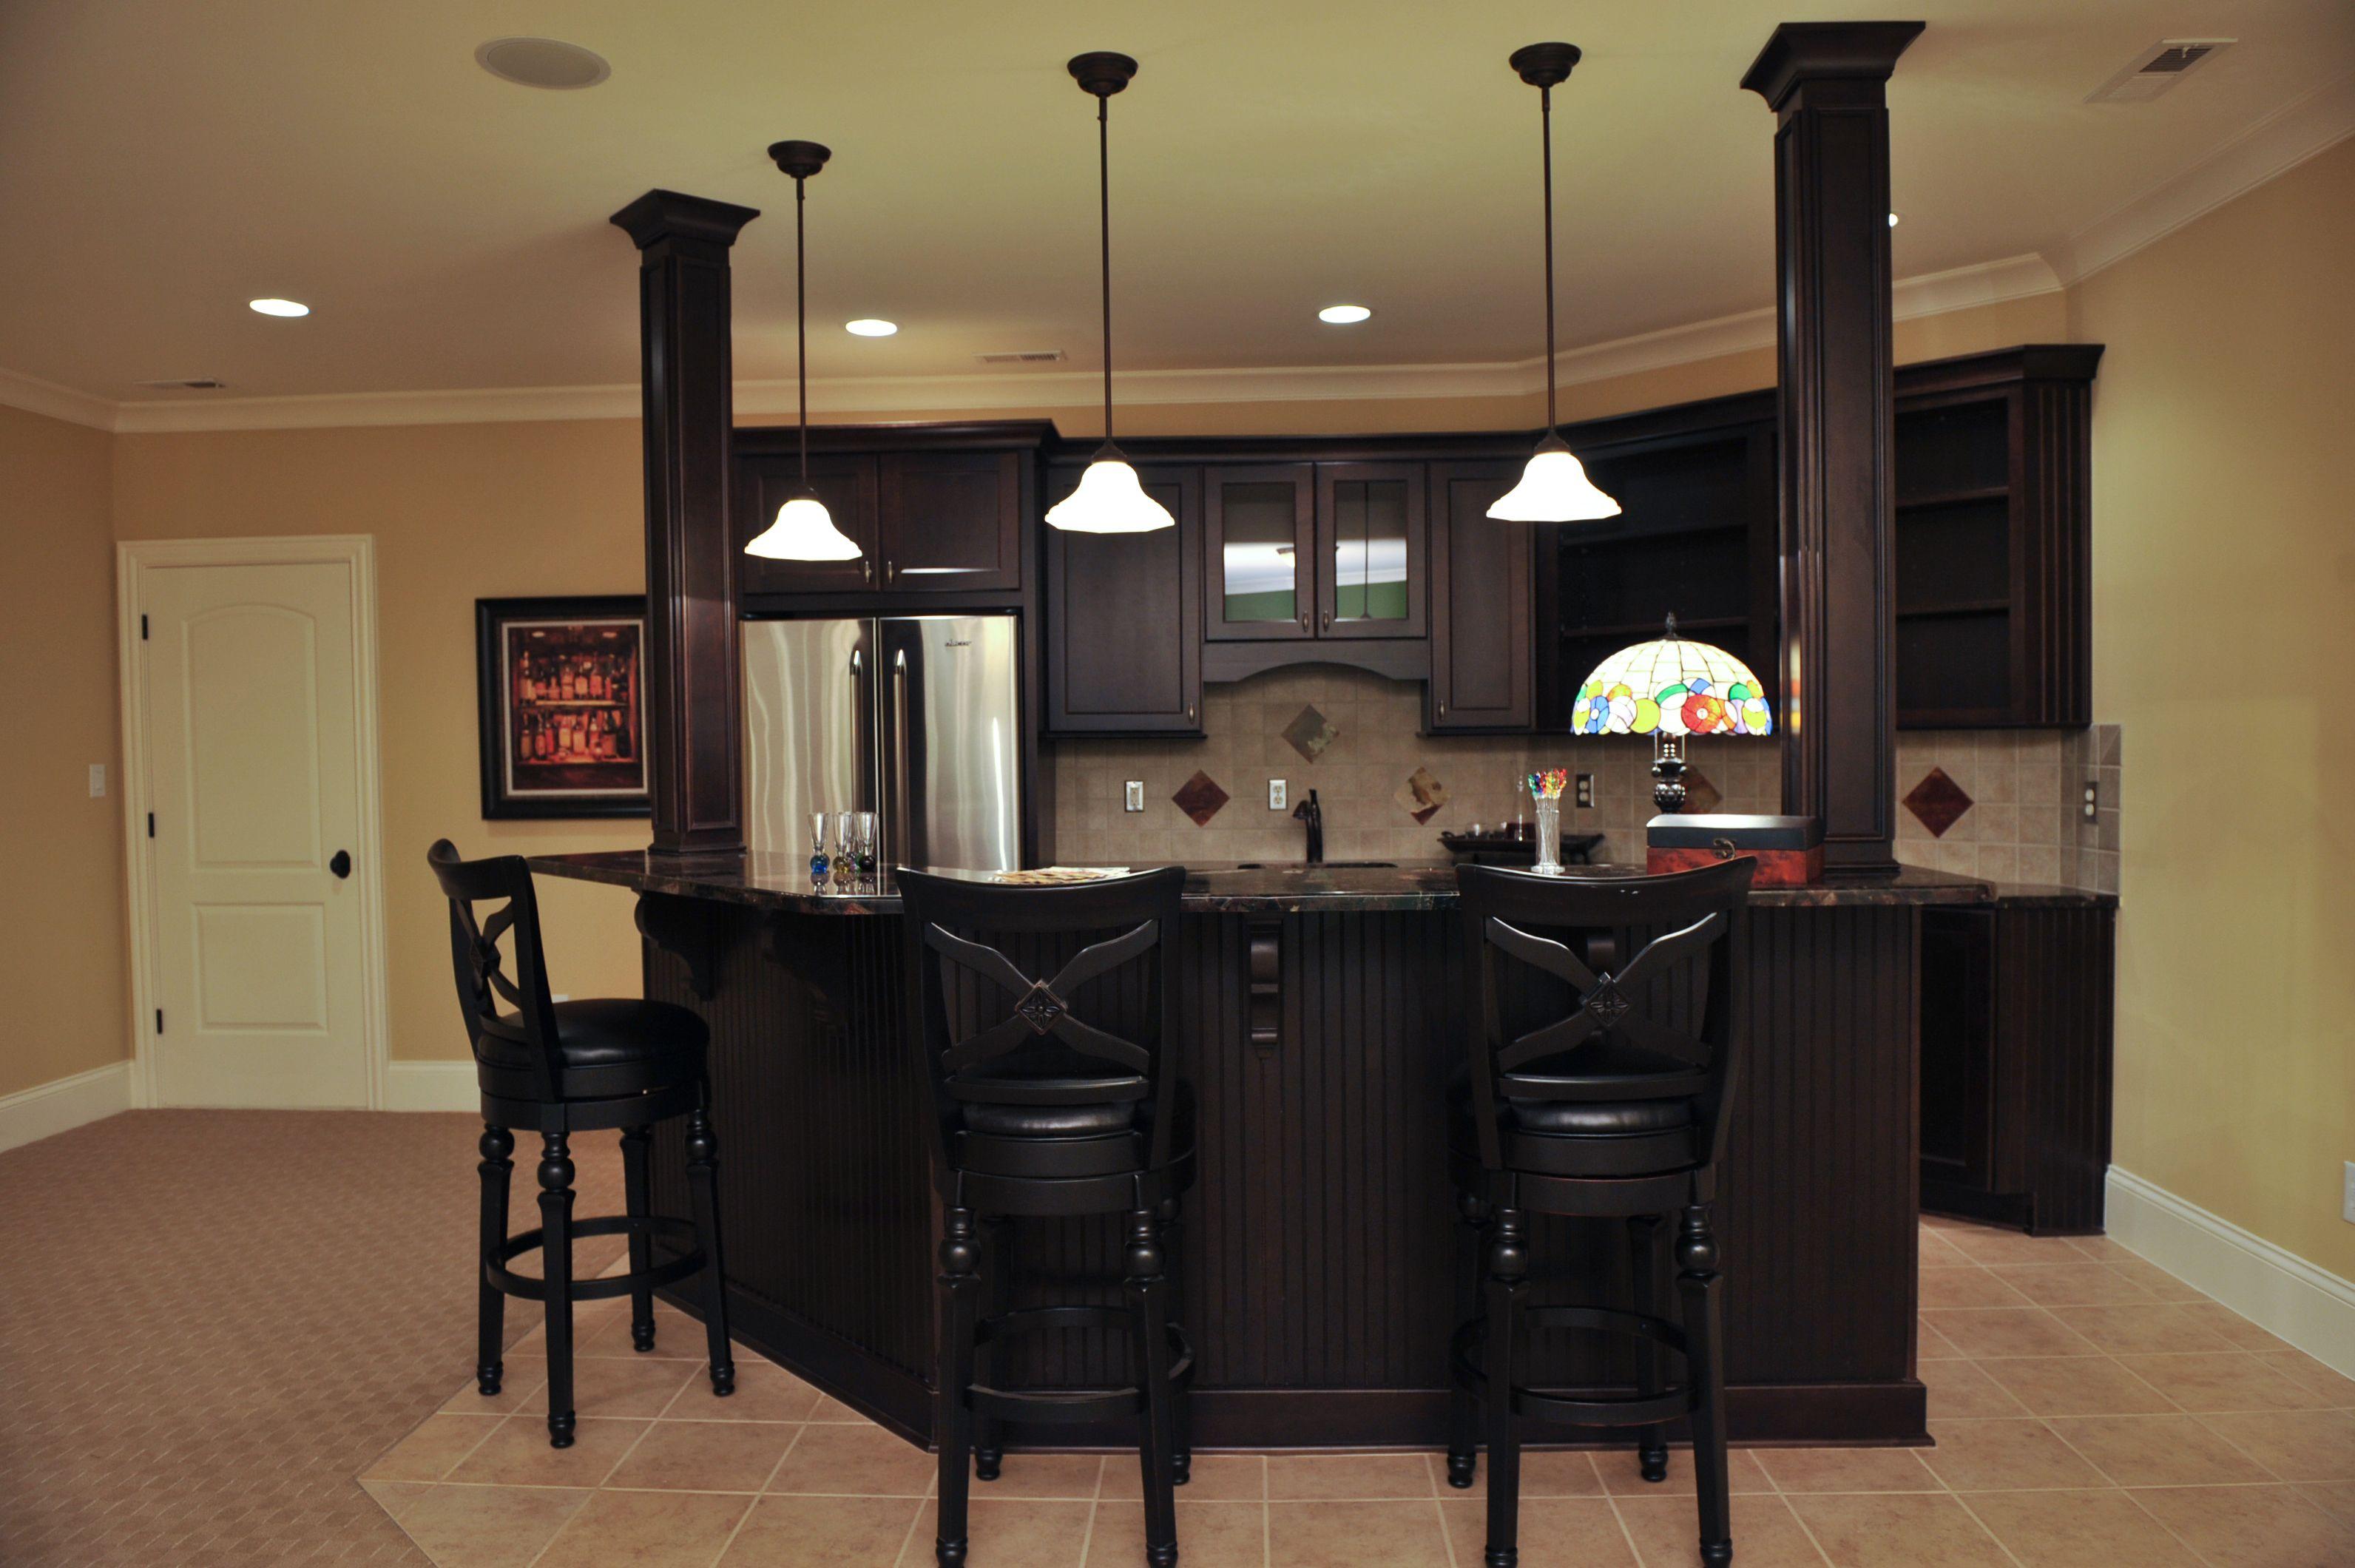 Man Cave Kitchen Ideas : Man cave kitchen ; my designs pinterest men kitchens